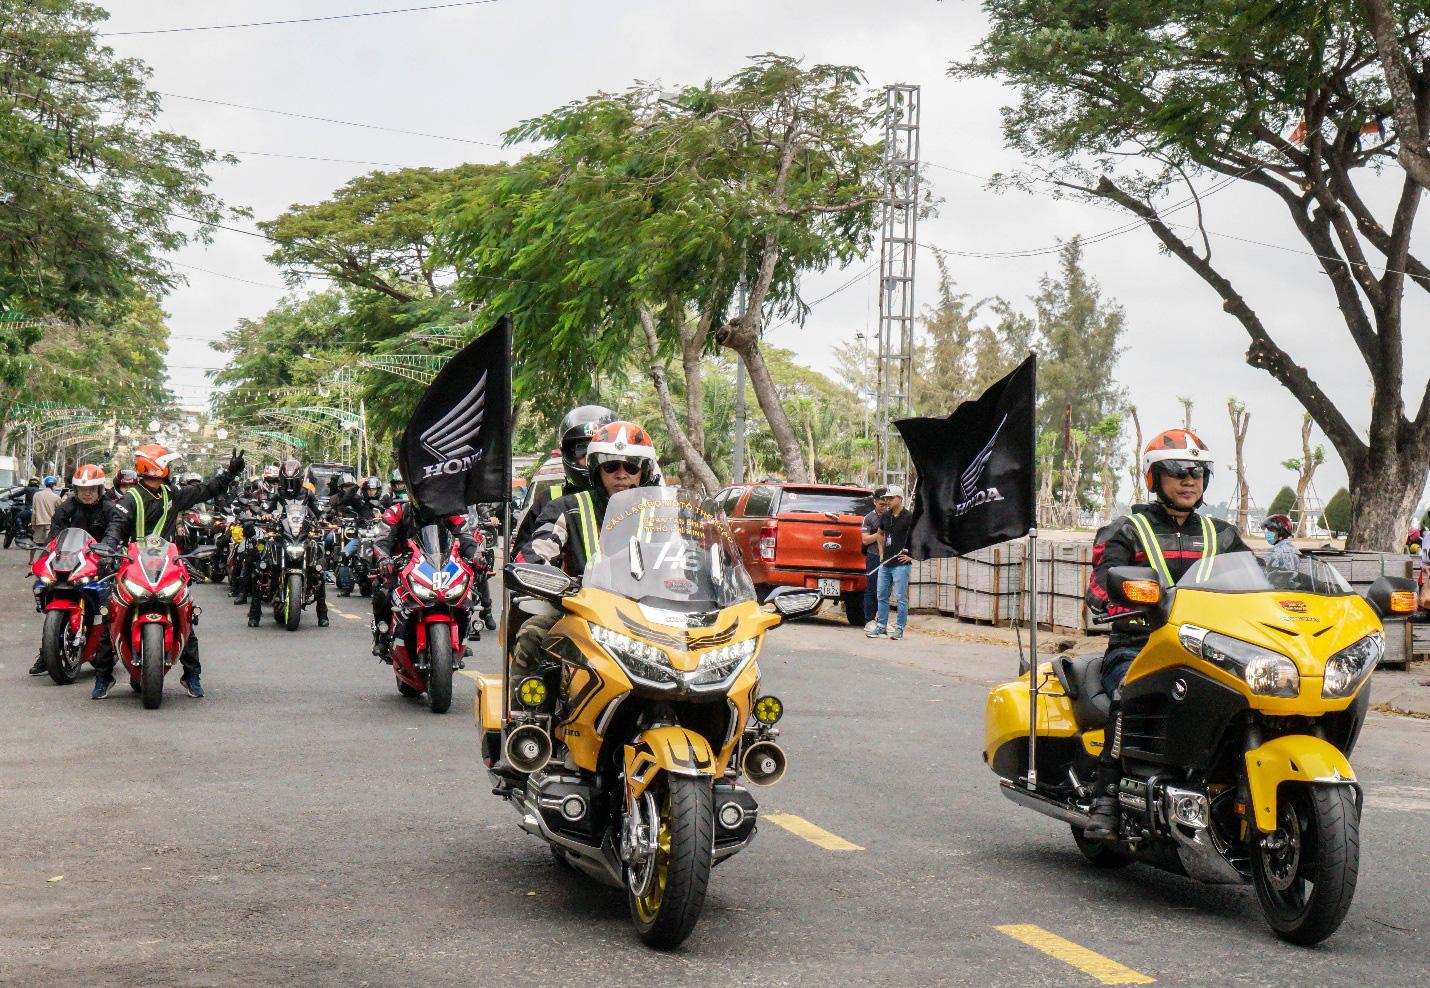 Biker Honda kết thúc hành trình chinh phục cực Nam đầy cảm xúc - Ảnh 1.